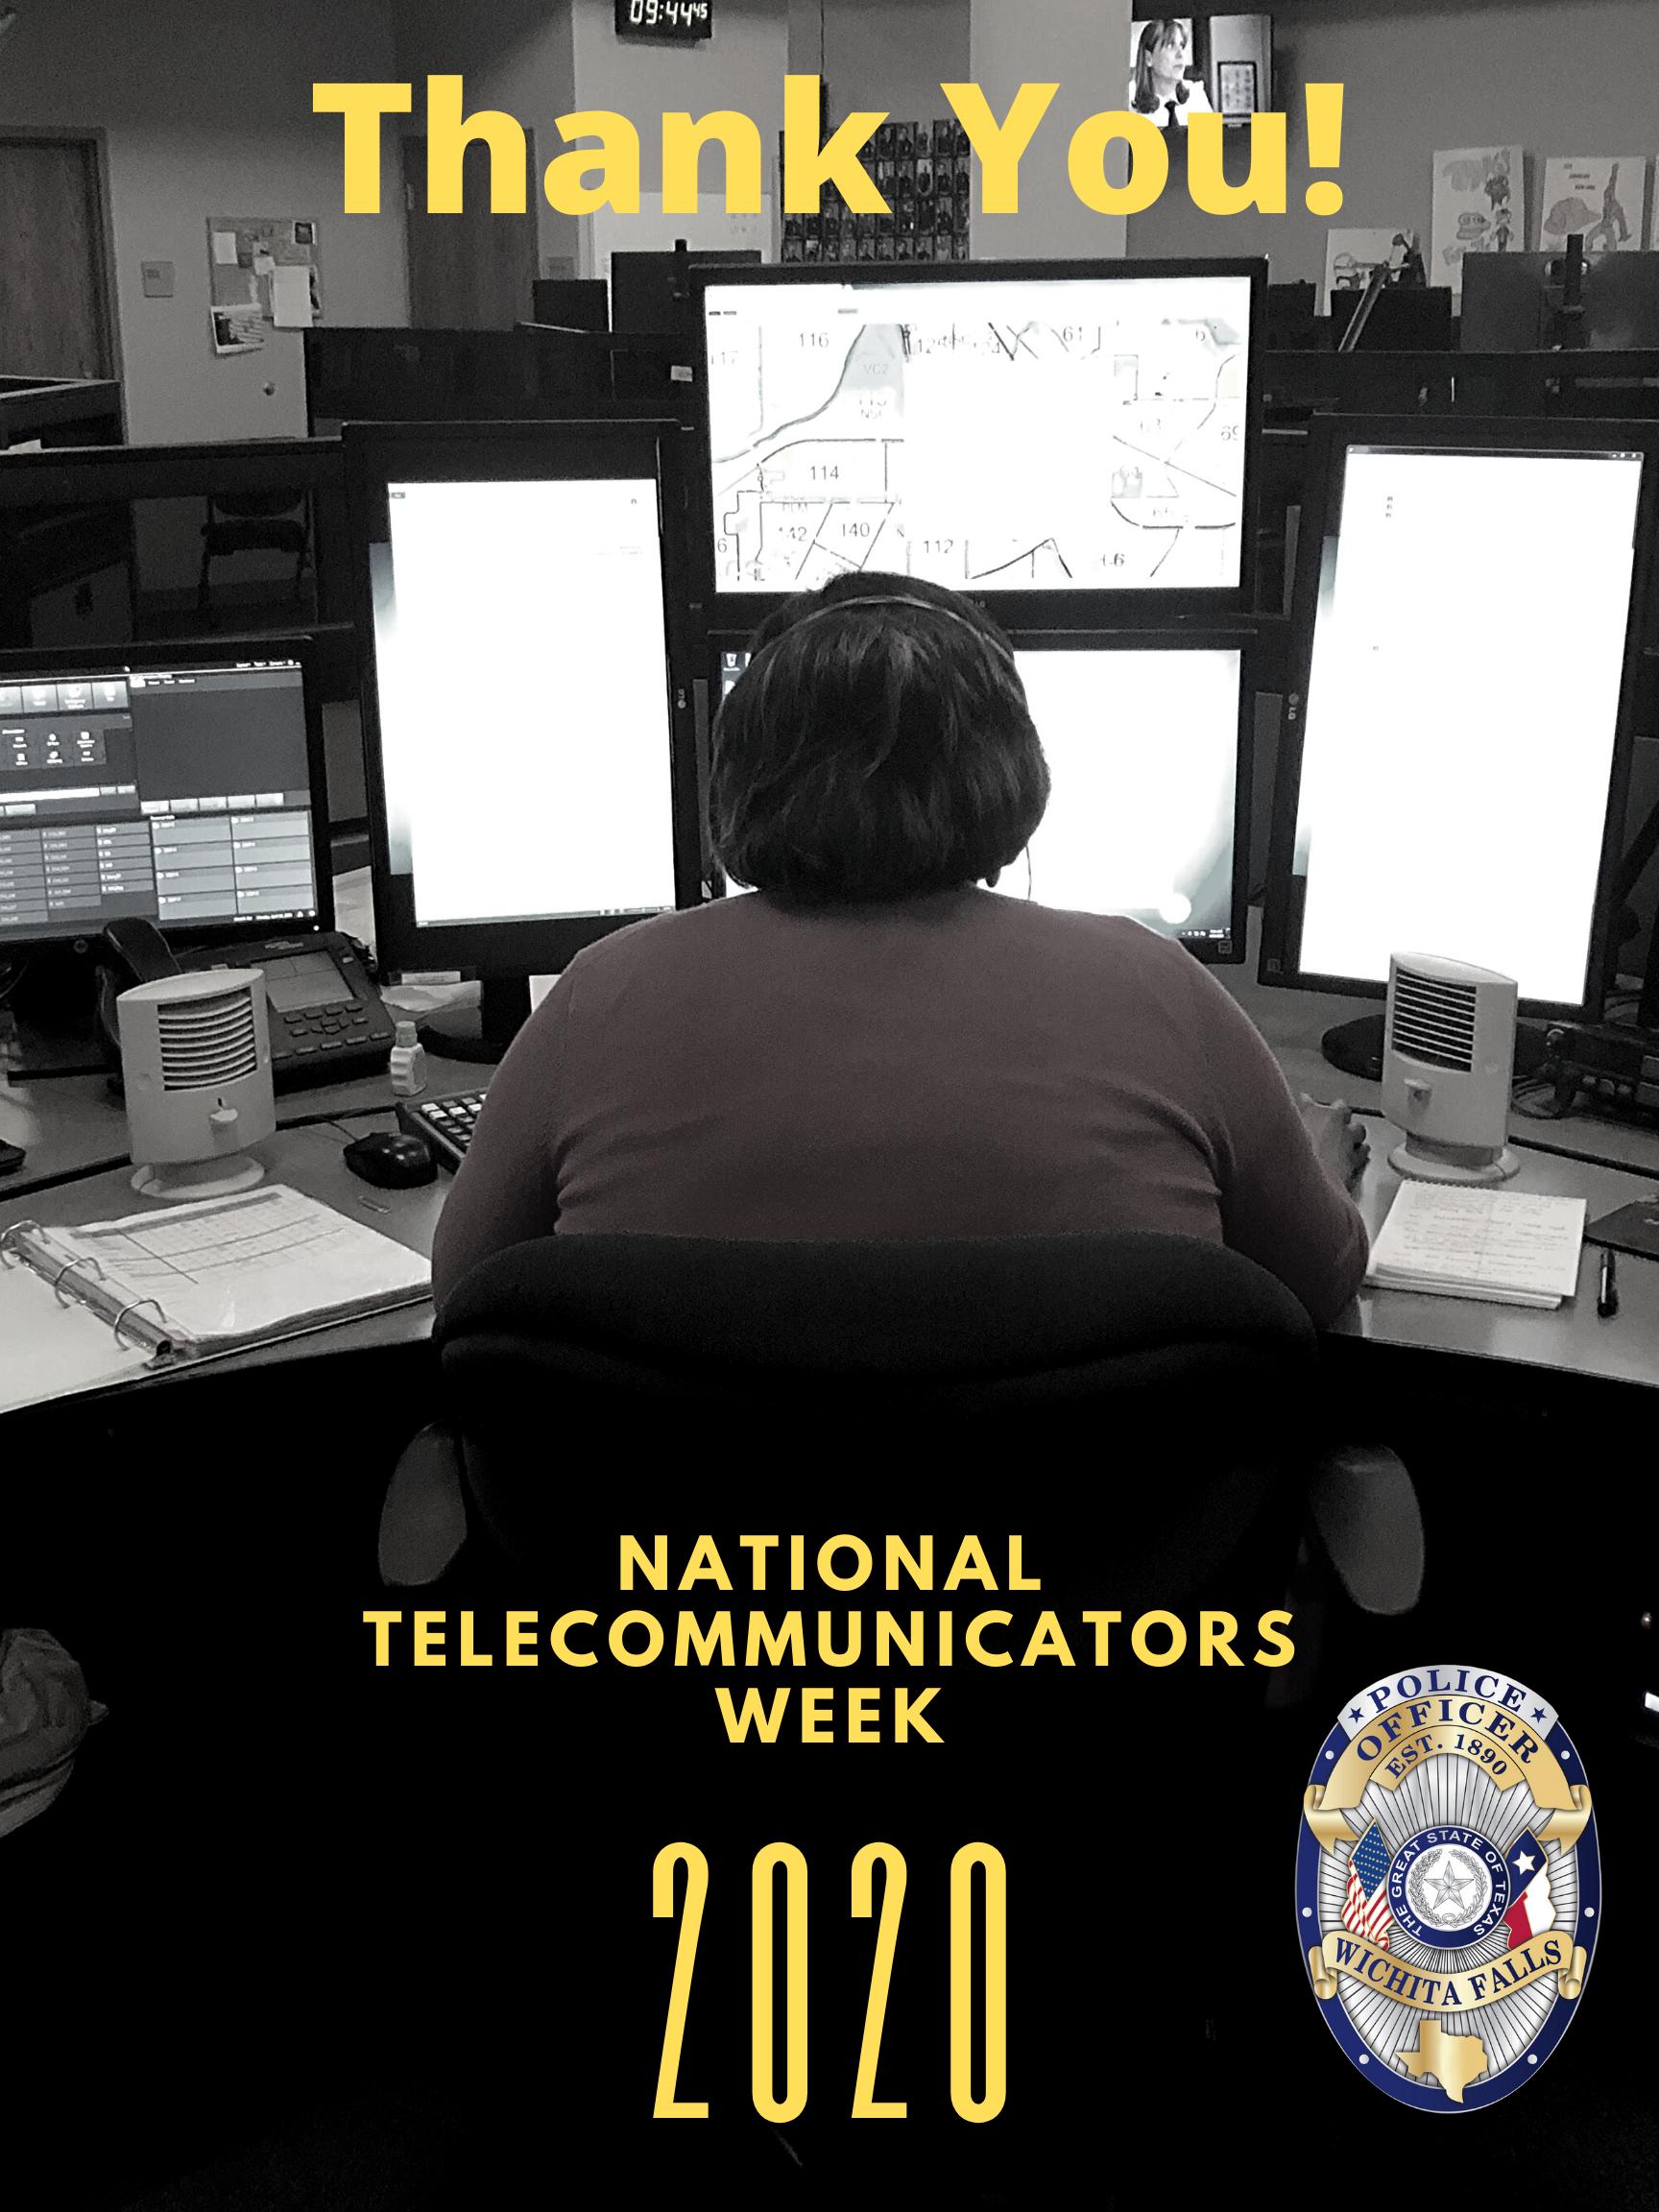 National Telecommunicators